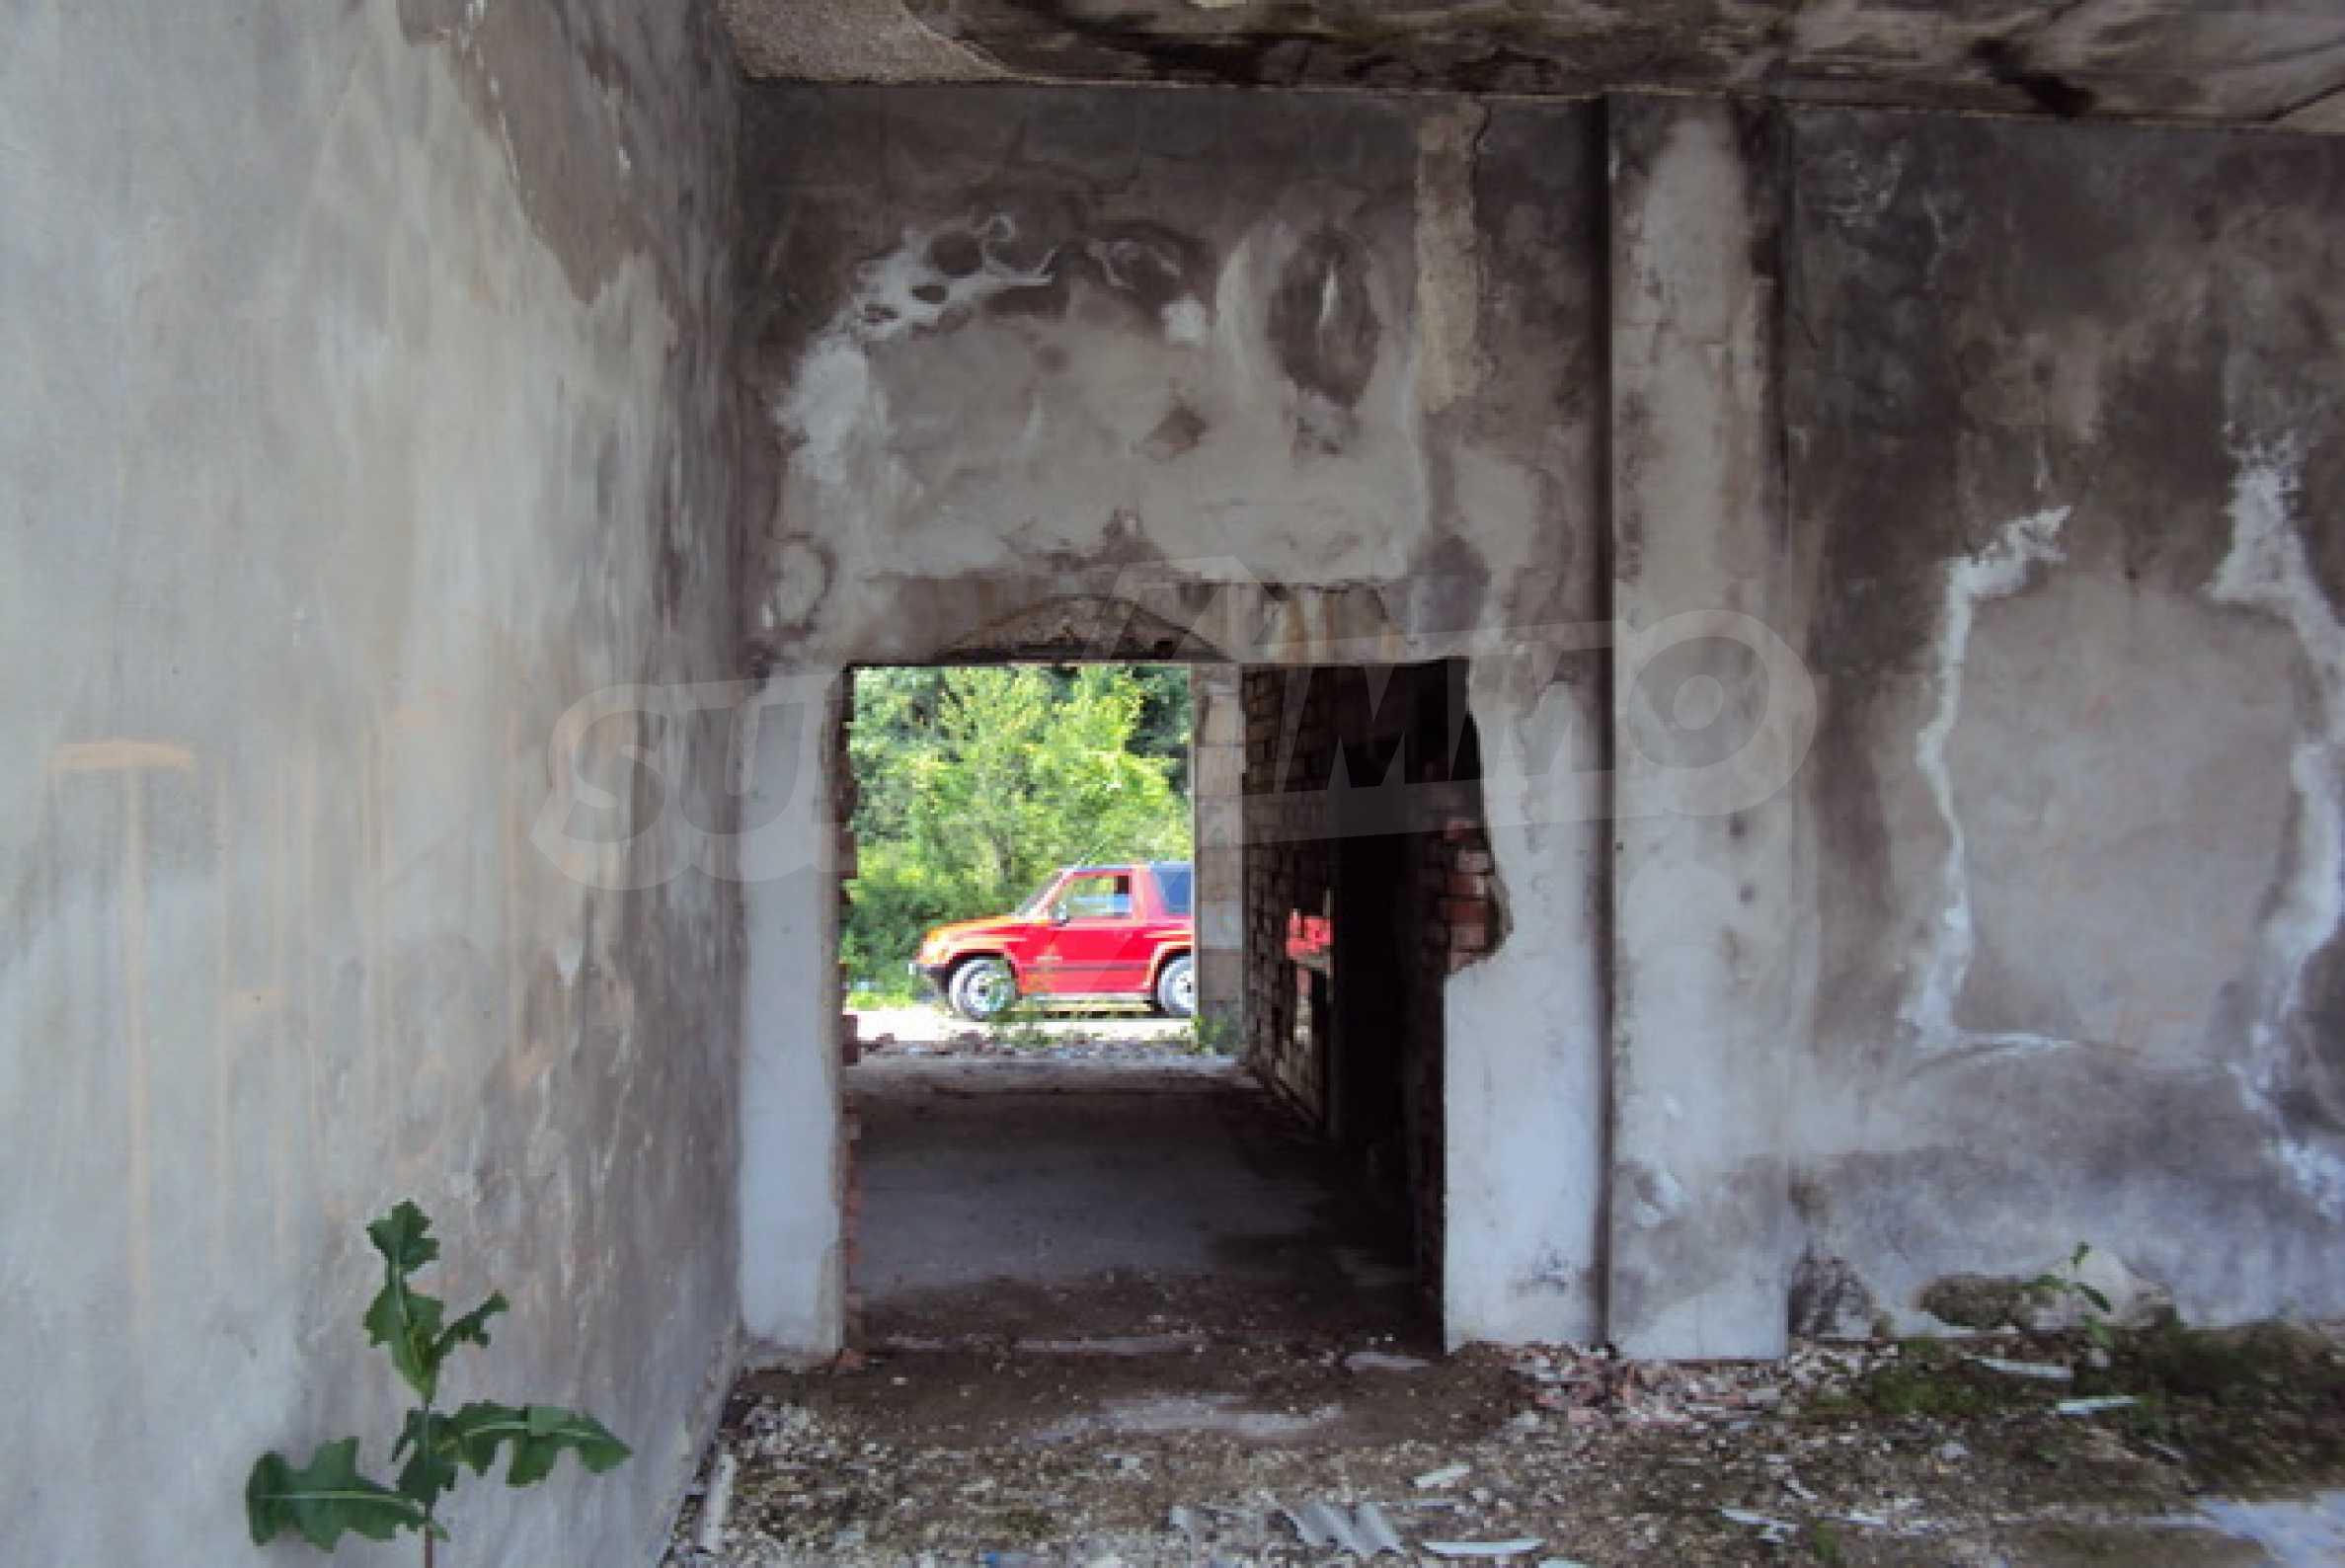 Продажа отеля/комплекса вблизи г. Велико Тырново 5